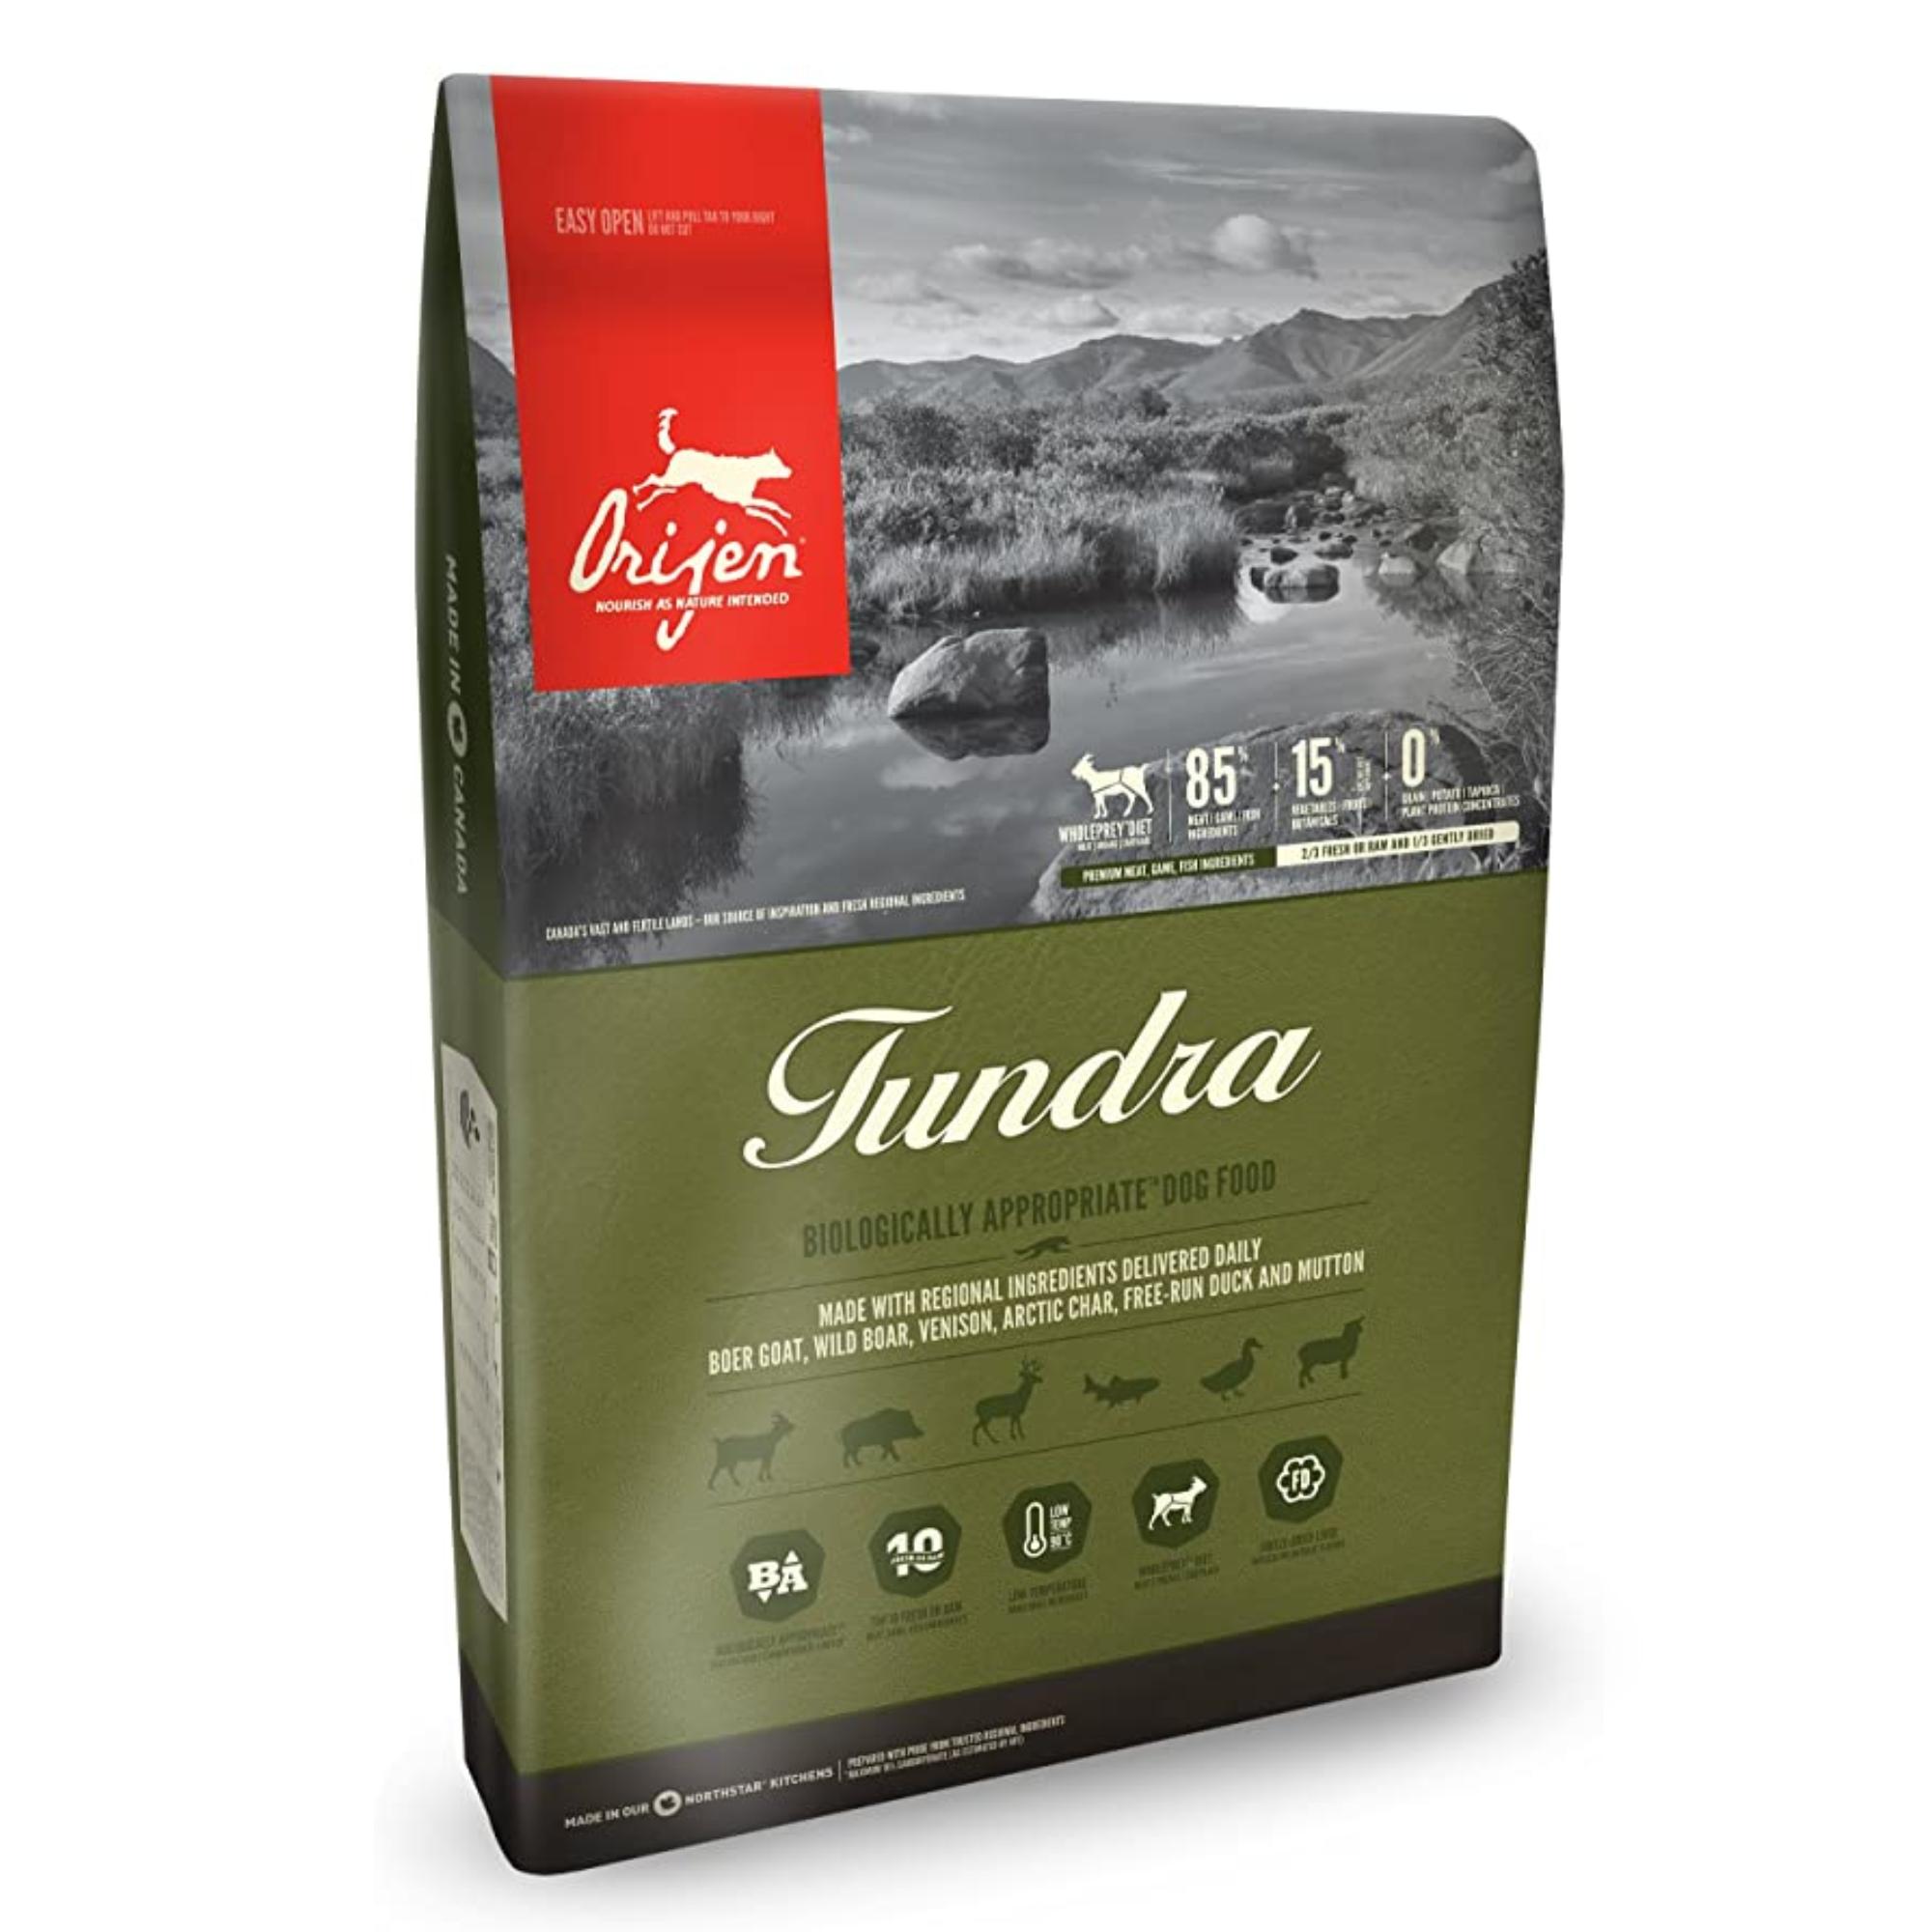 Orijen Tundra GF Dog Food